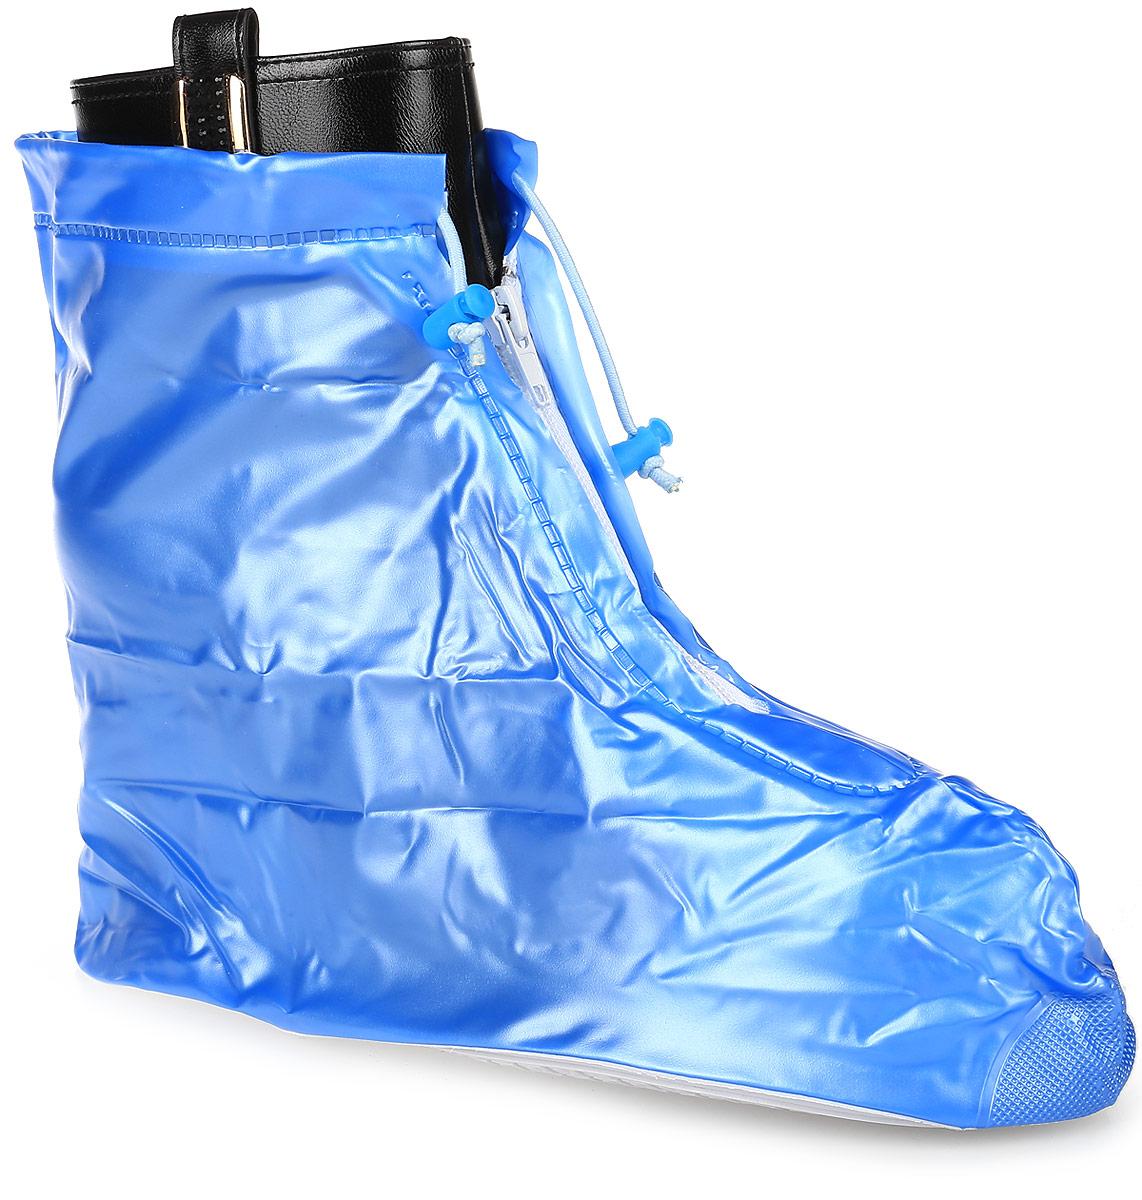 Дождевик для обуви Homsu, на молнии, цвет: голубой. Размер M (37/38)R-118Дождевик Homsu выполнен из прочного водонепроницаемого материала и предназначен для защиты обуви от воды и грязи. Застегивается изделие на застежку-молнию, расположенную спереди. Верхняя часть изделия регулируется в объеме за счет эластичного шнурка со стопперами. Благодаря дождевику ваша обувь будет сухой и чистой в любую погоду! Комплектация: 1 пара.